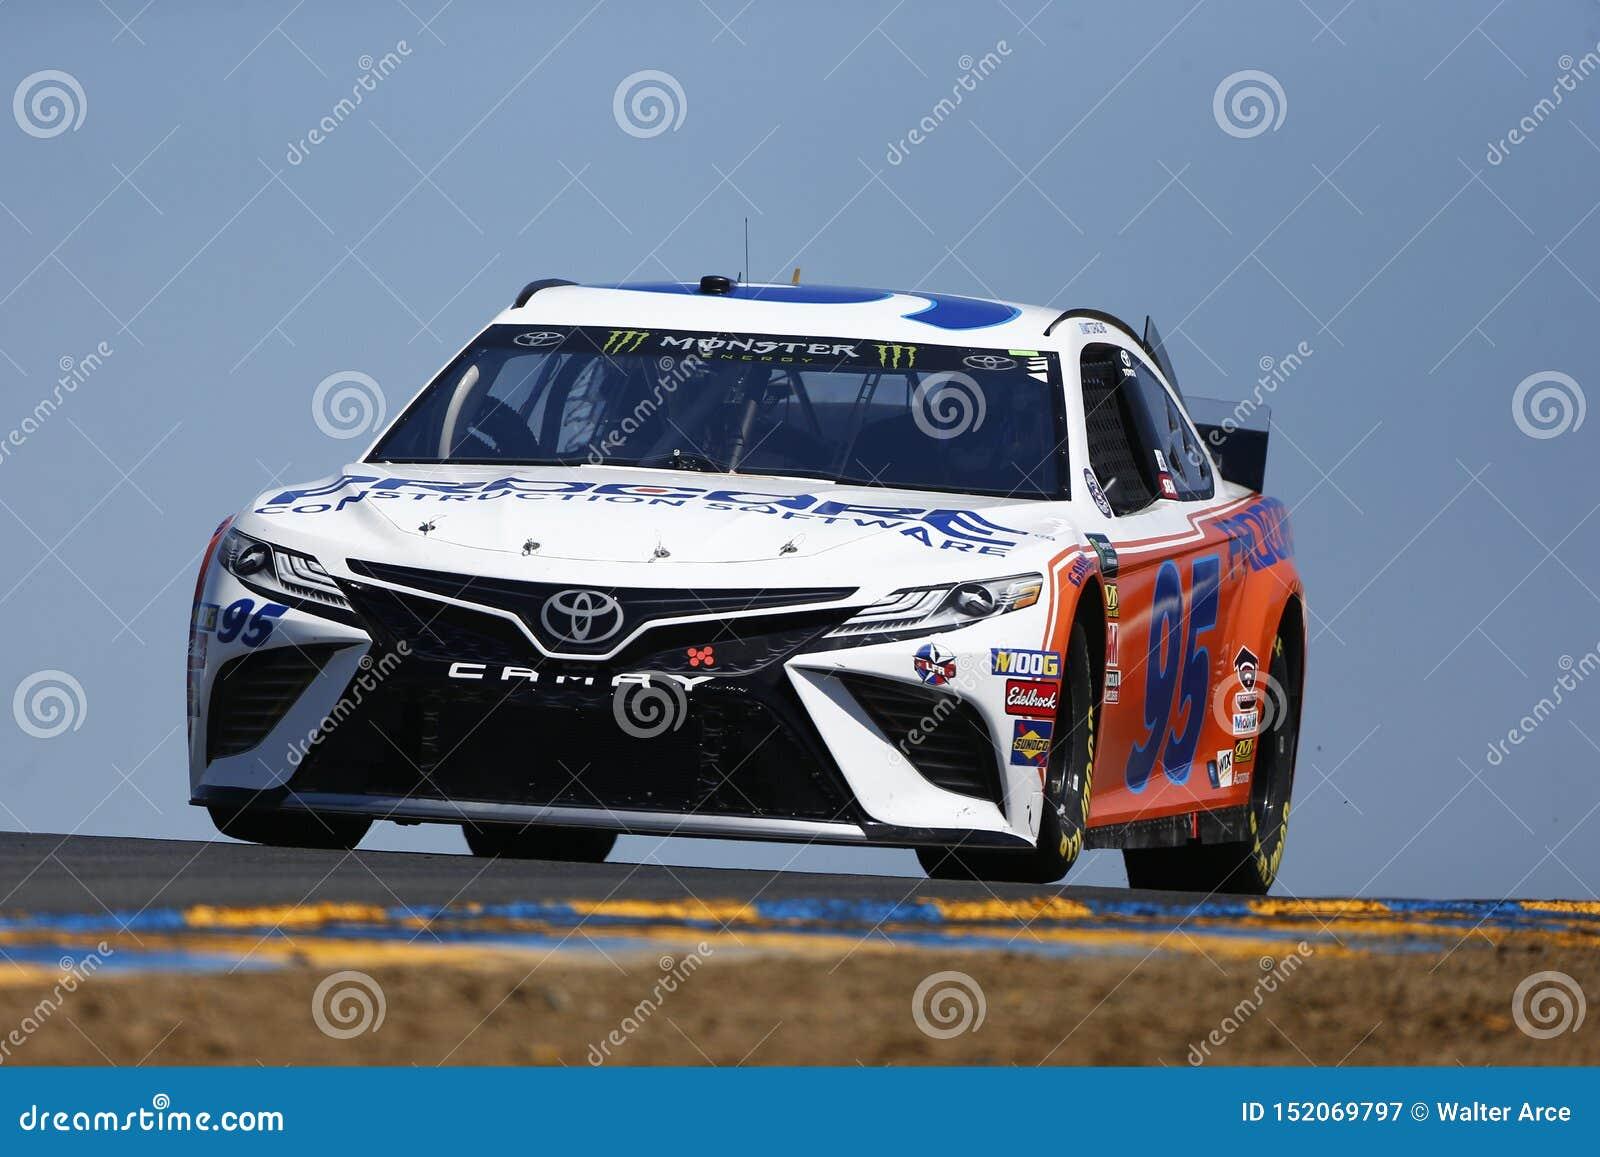 NASCAR: Juni 21 TOYOTA/SAVE MARKNAD 350